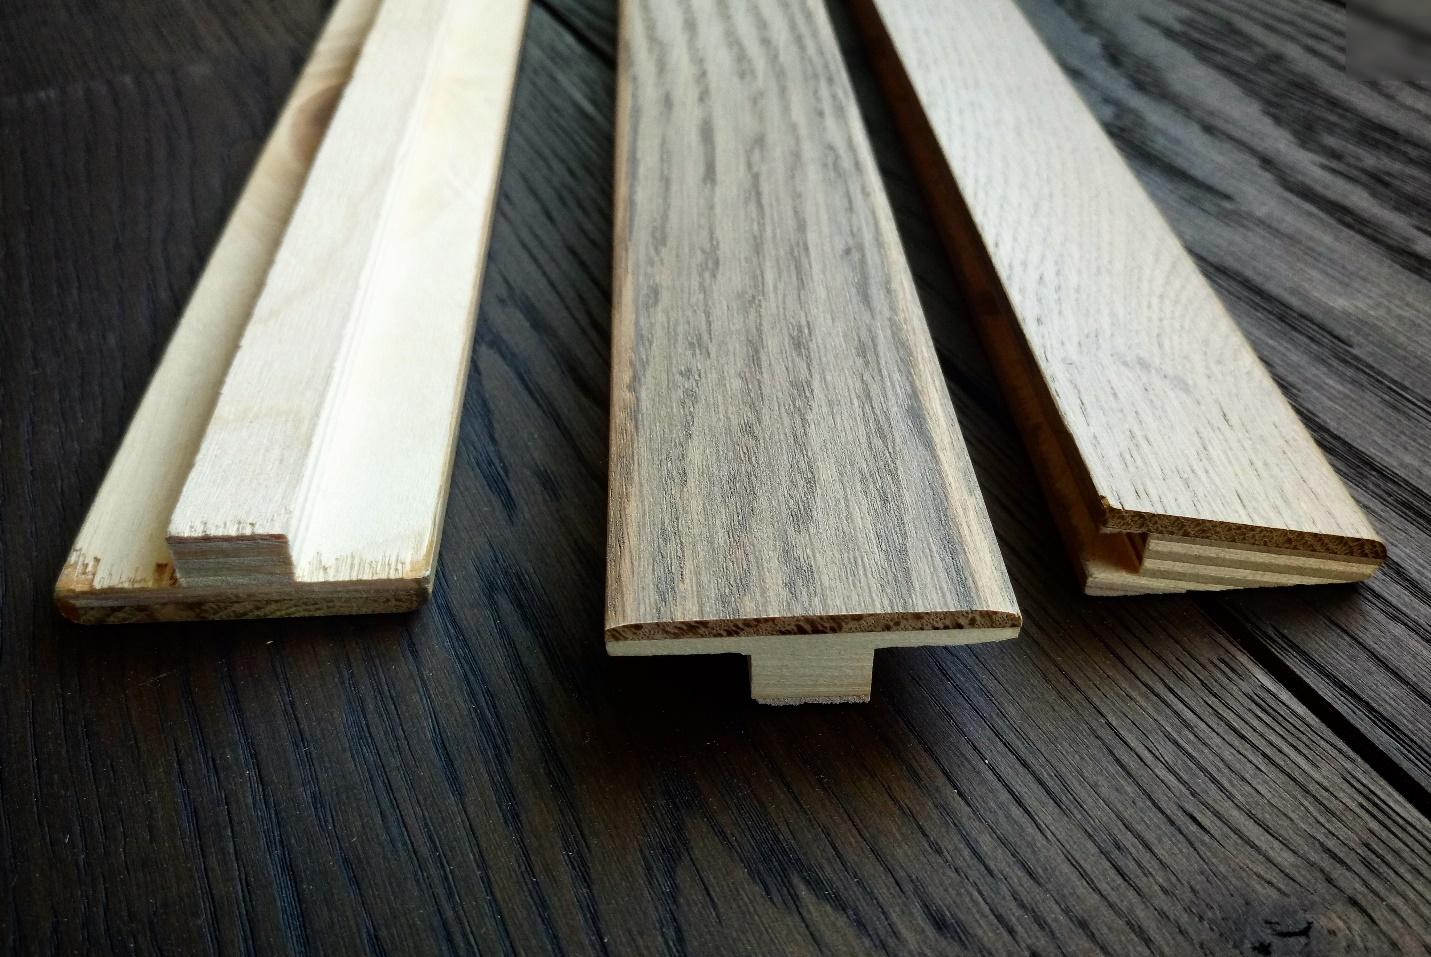 texture of luxury engineered hardwood